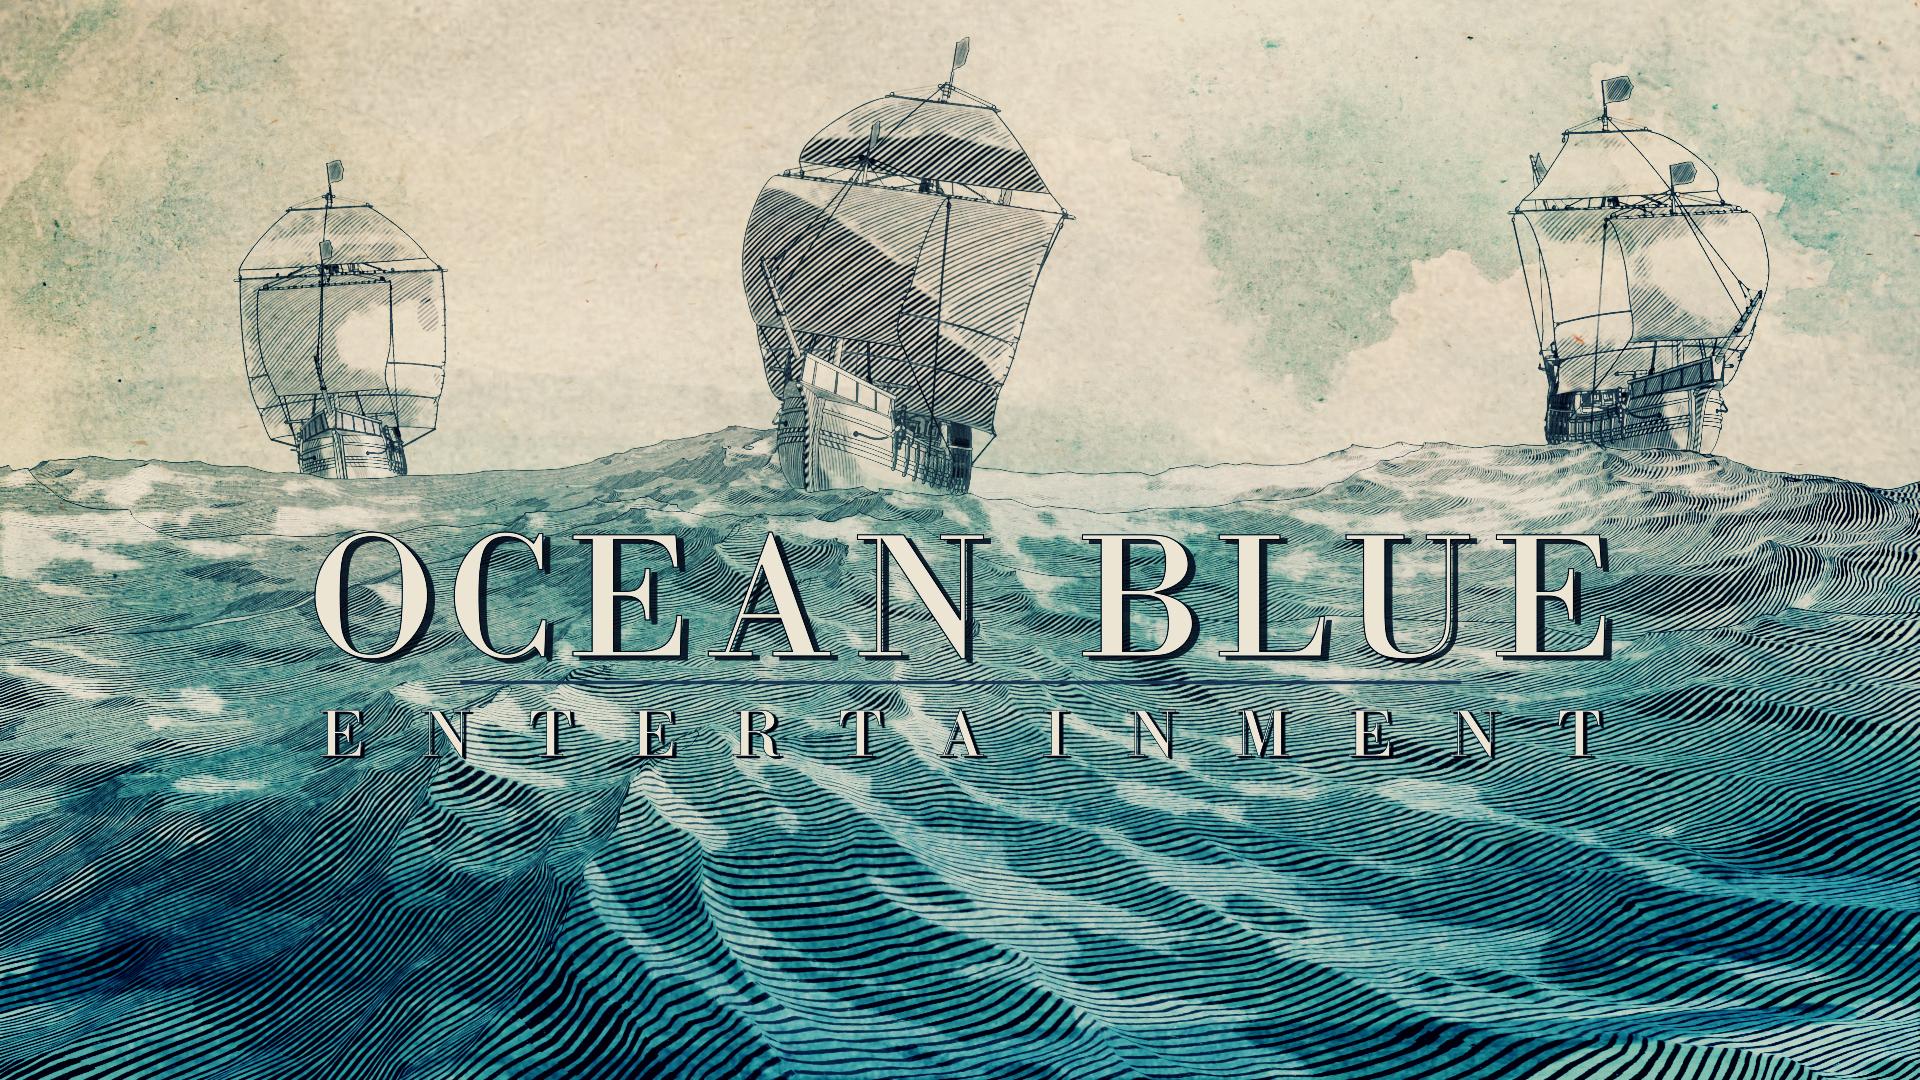 OCEAN_BLUE_BOARDS_AV_03.04.2015_REV_00009.jpg